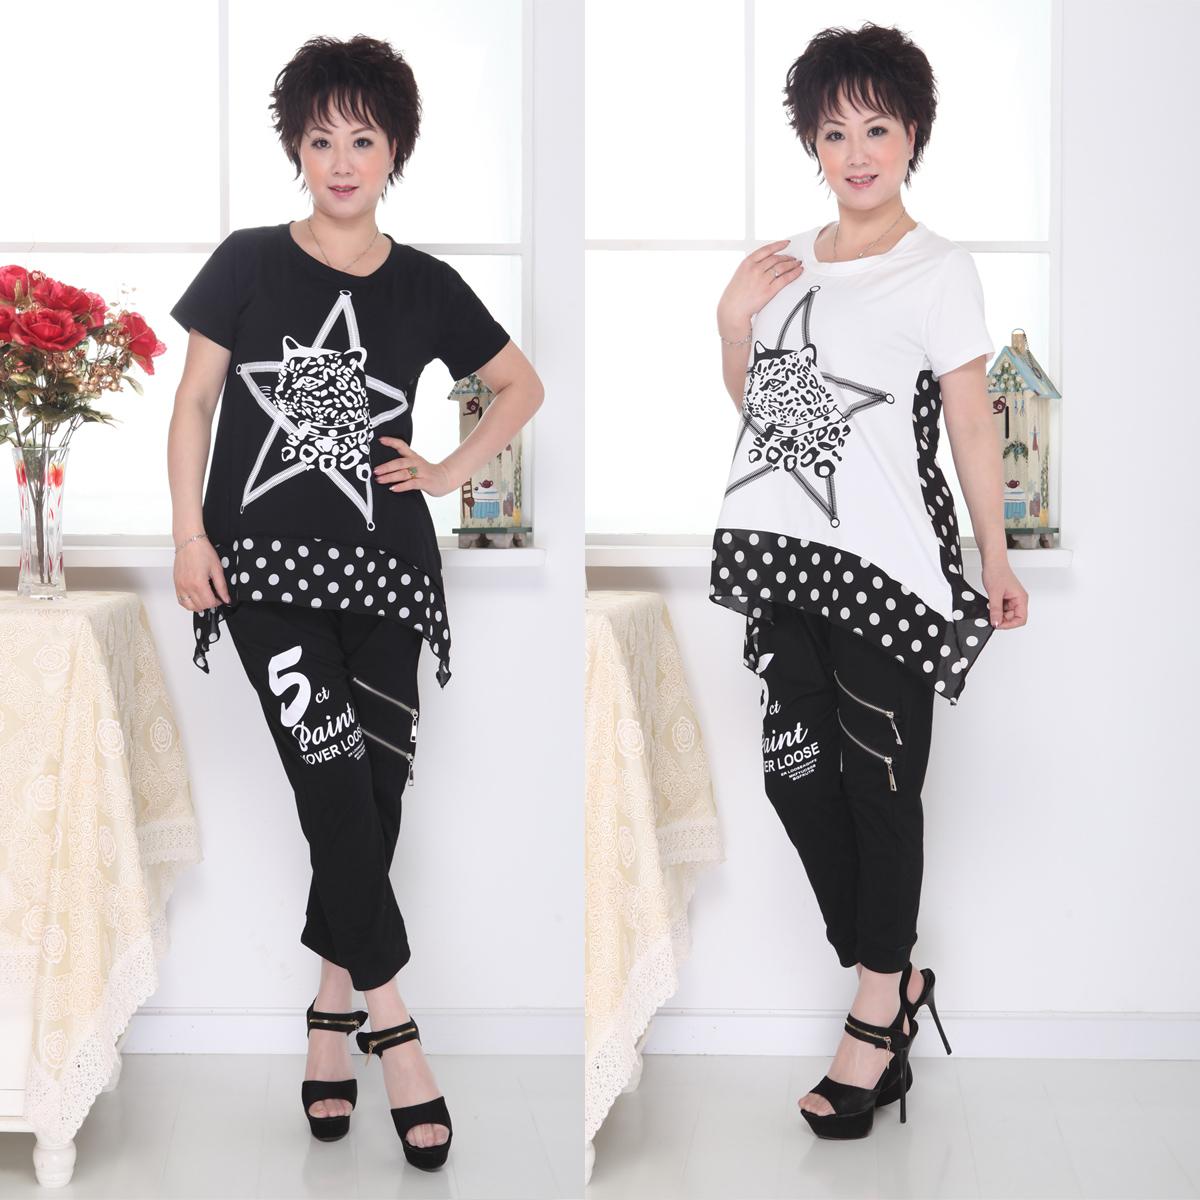 2013夏季新款时尚妈妈装宽松大码短袖t恤 潮纯棉印花短袖上衣